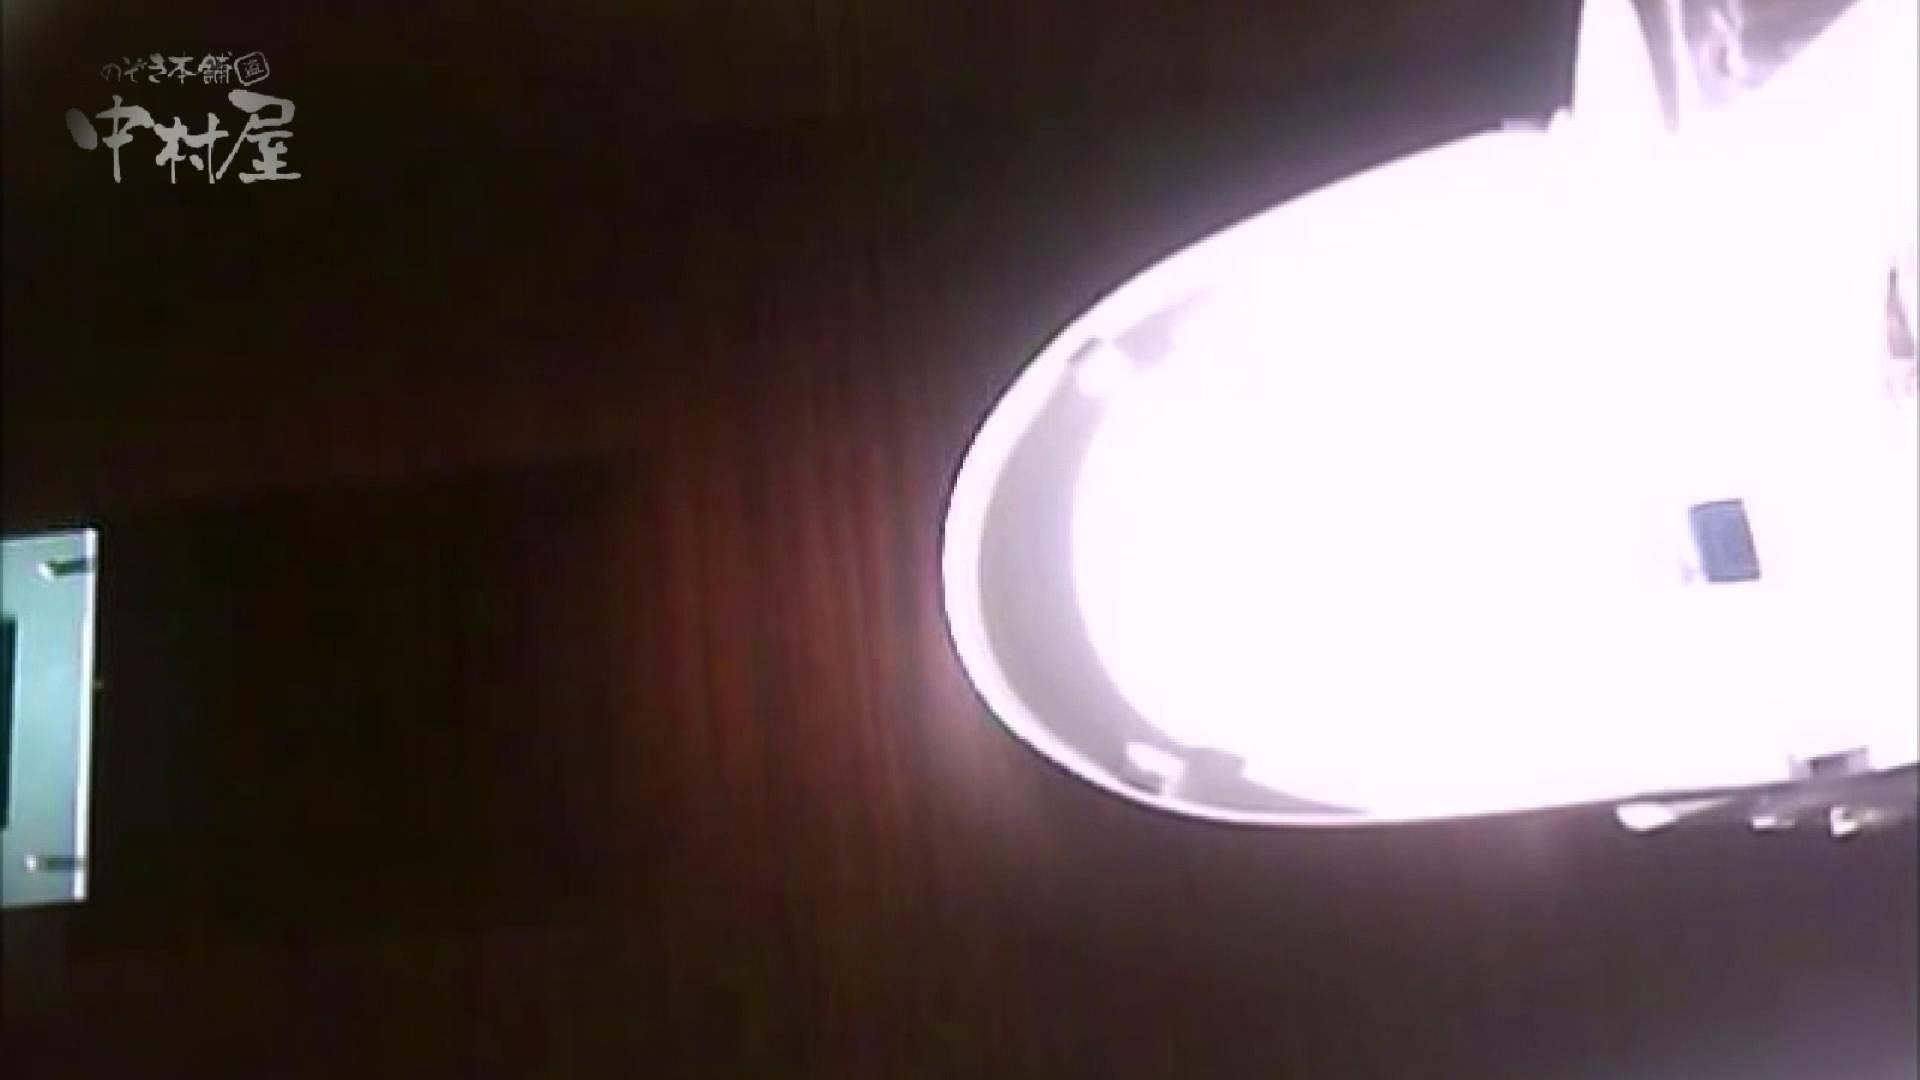 女子トイレ盗撮~某ファミレス編~vol.31 OLエロ画像 隠し撮りセックス画像 80PICs 37